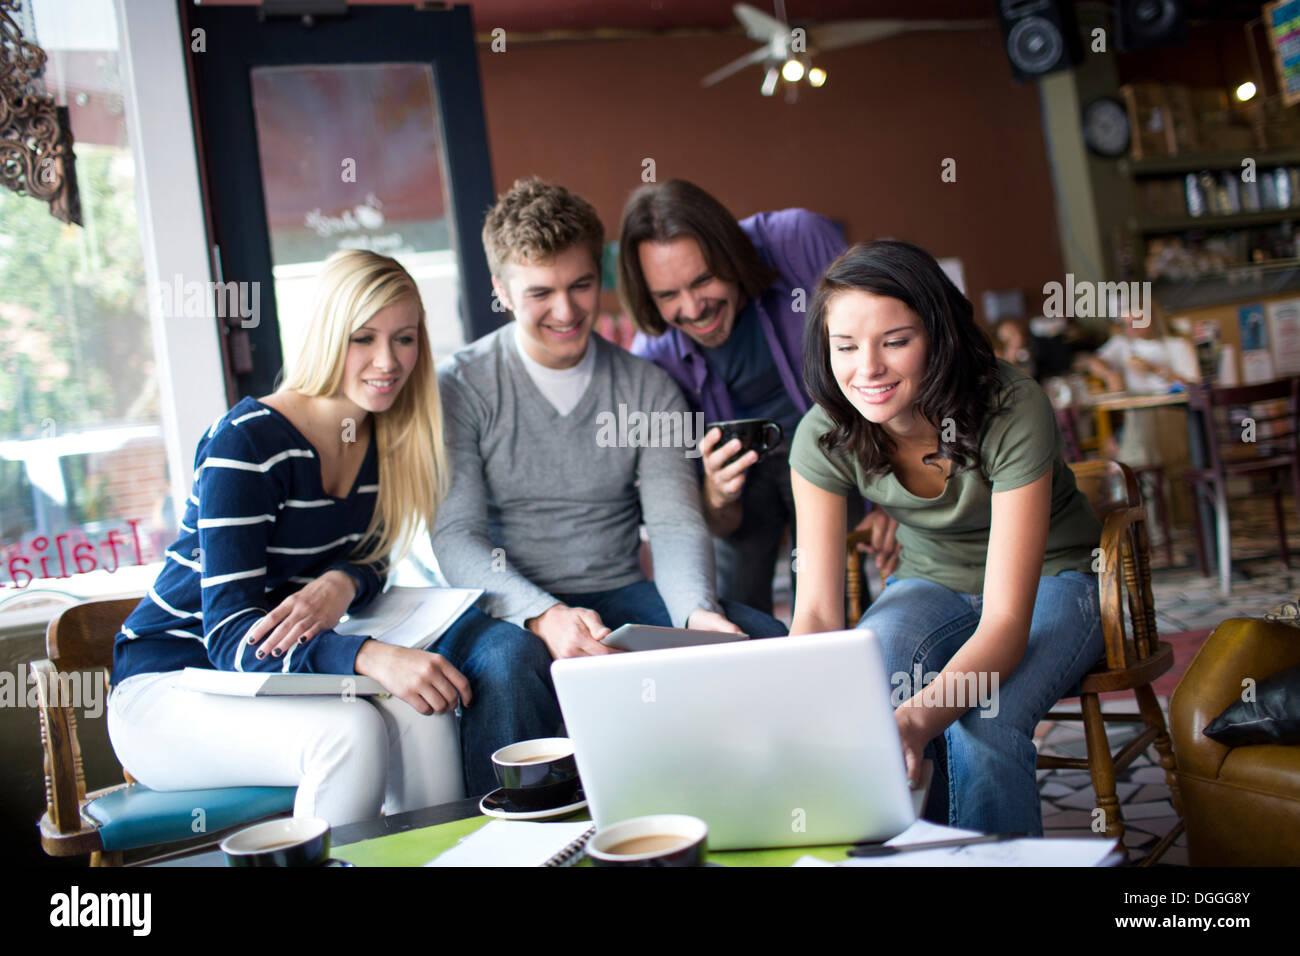 Groupe de personnes réunies autour de l'ordinateur in cafe Photo Stock